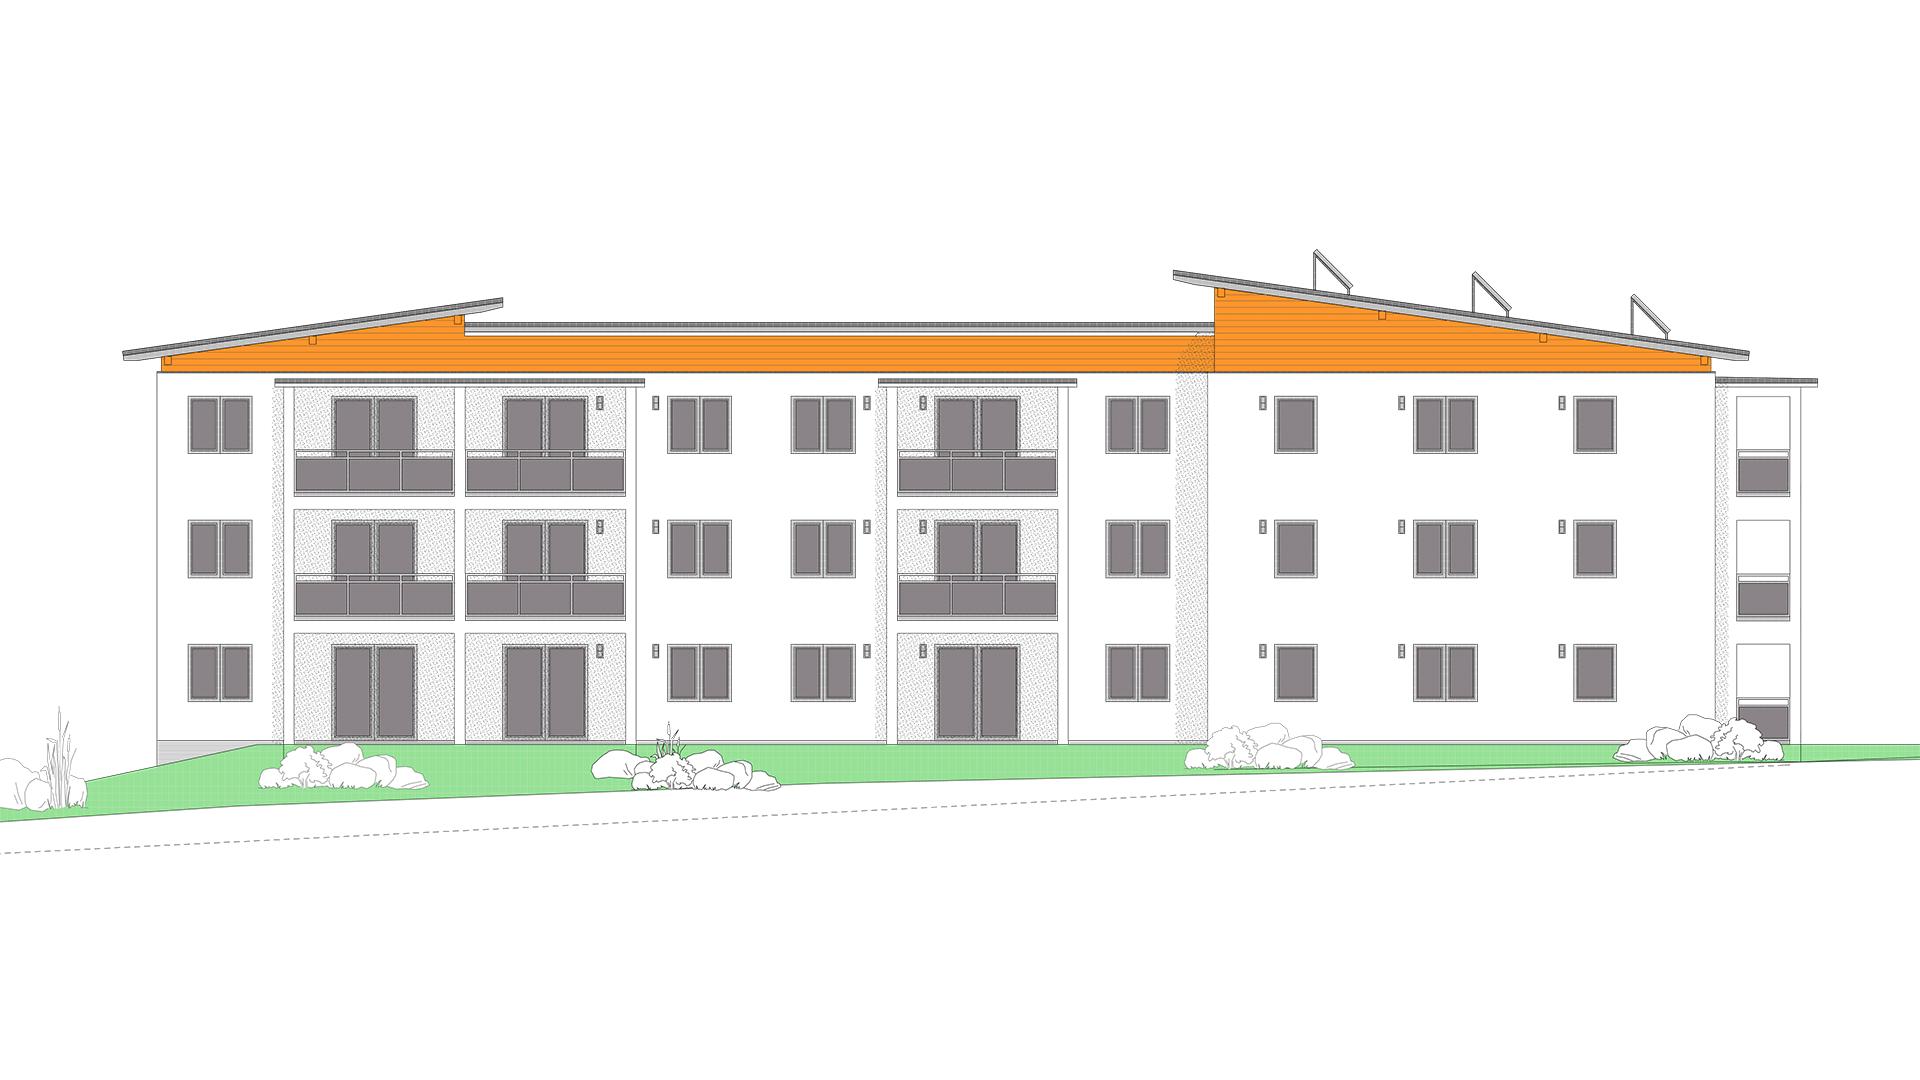 15 Mietwohnungen in Am Hochsteig 6, 4921 Hohenzell (63 bzw. 83 m²)